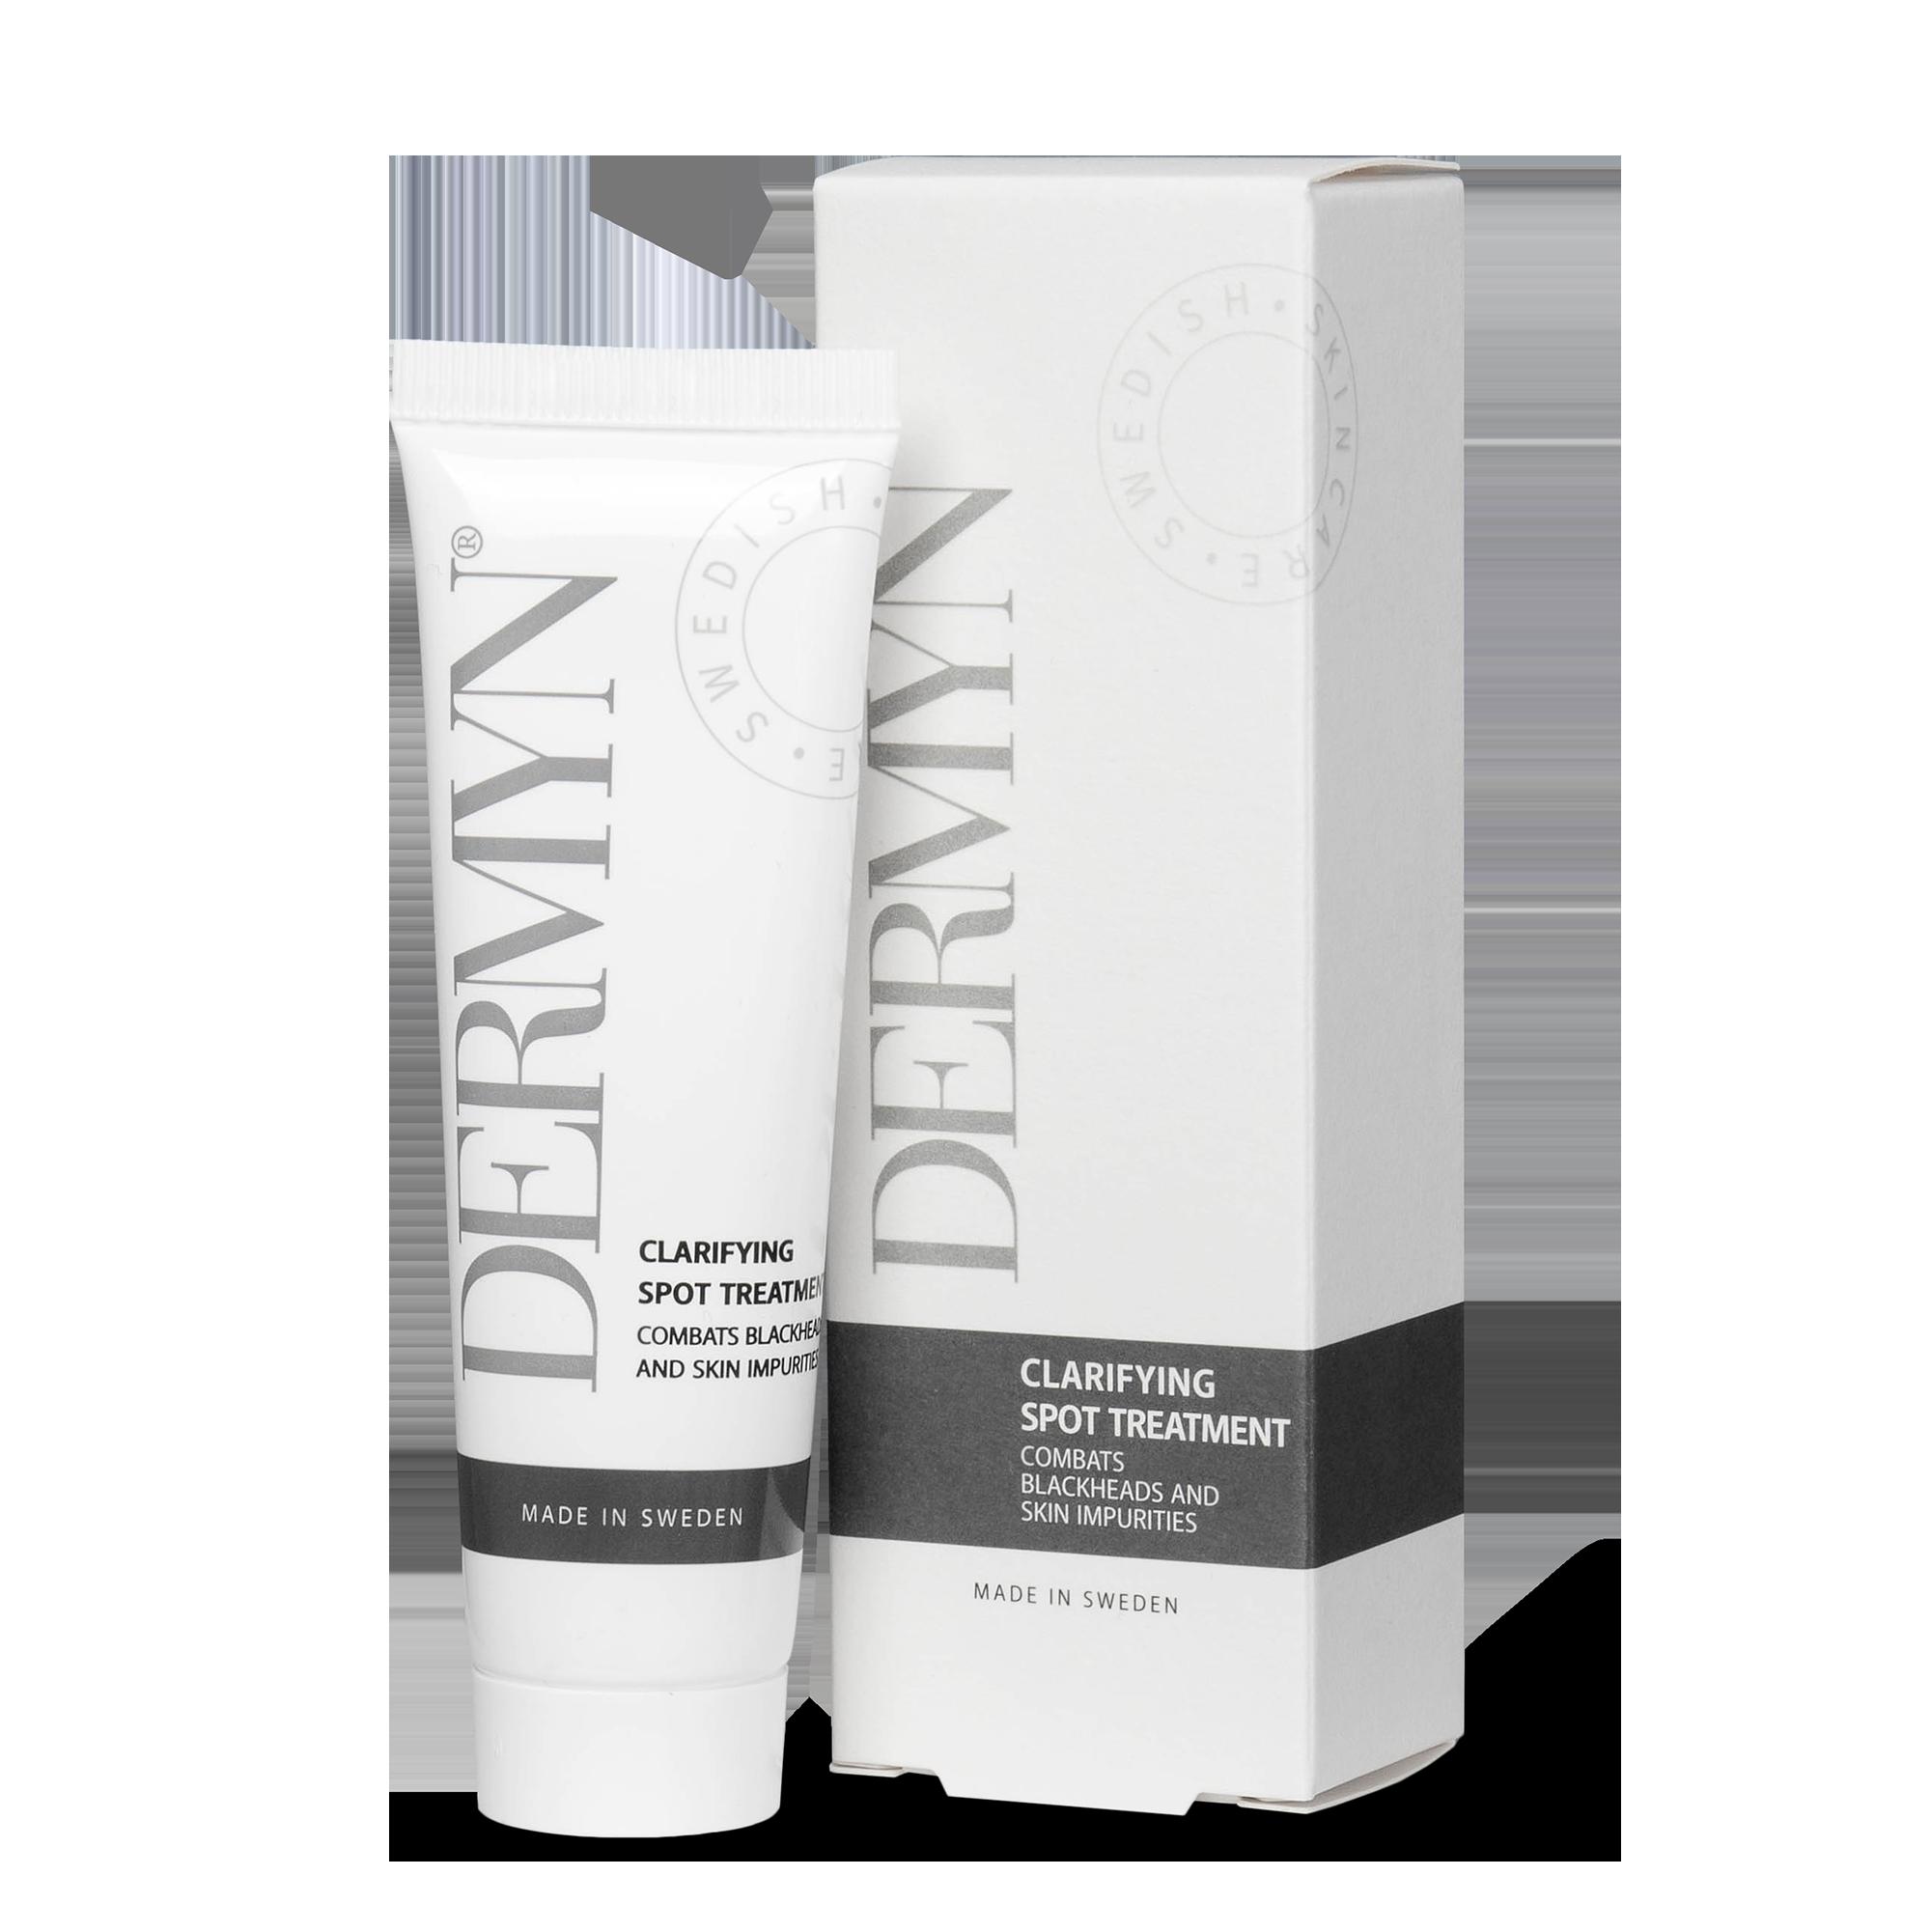 DERMYN Clarifying Spot Treatment motverkar effektivt pormaskar och finnar.